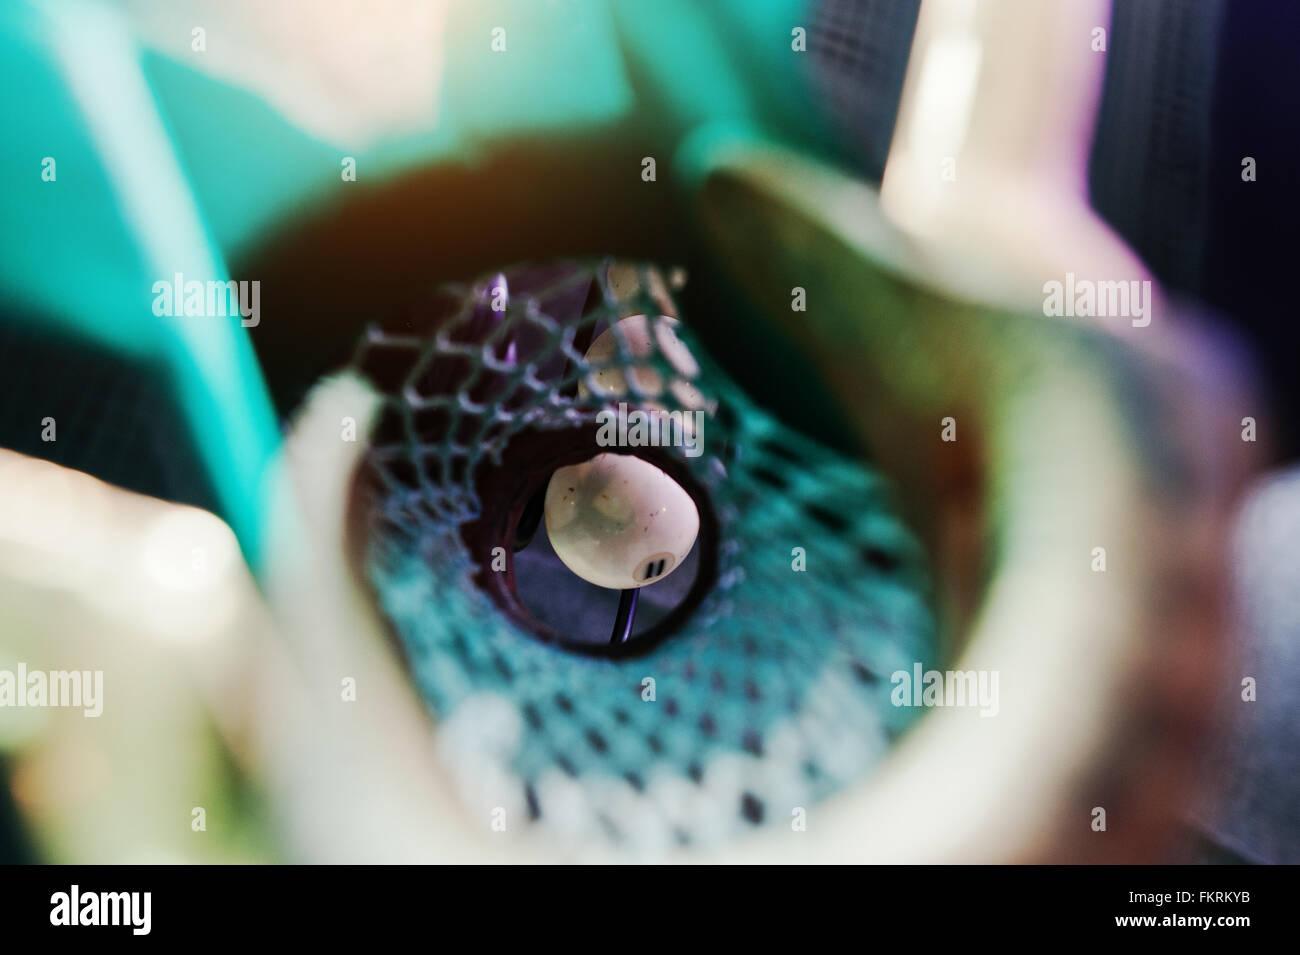 Piscina Billar bola en el hoyo Imagen De Stock